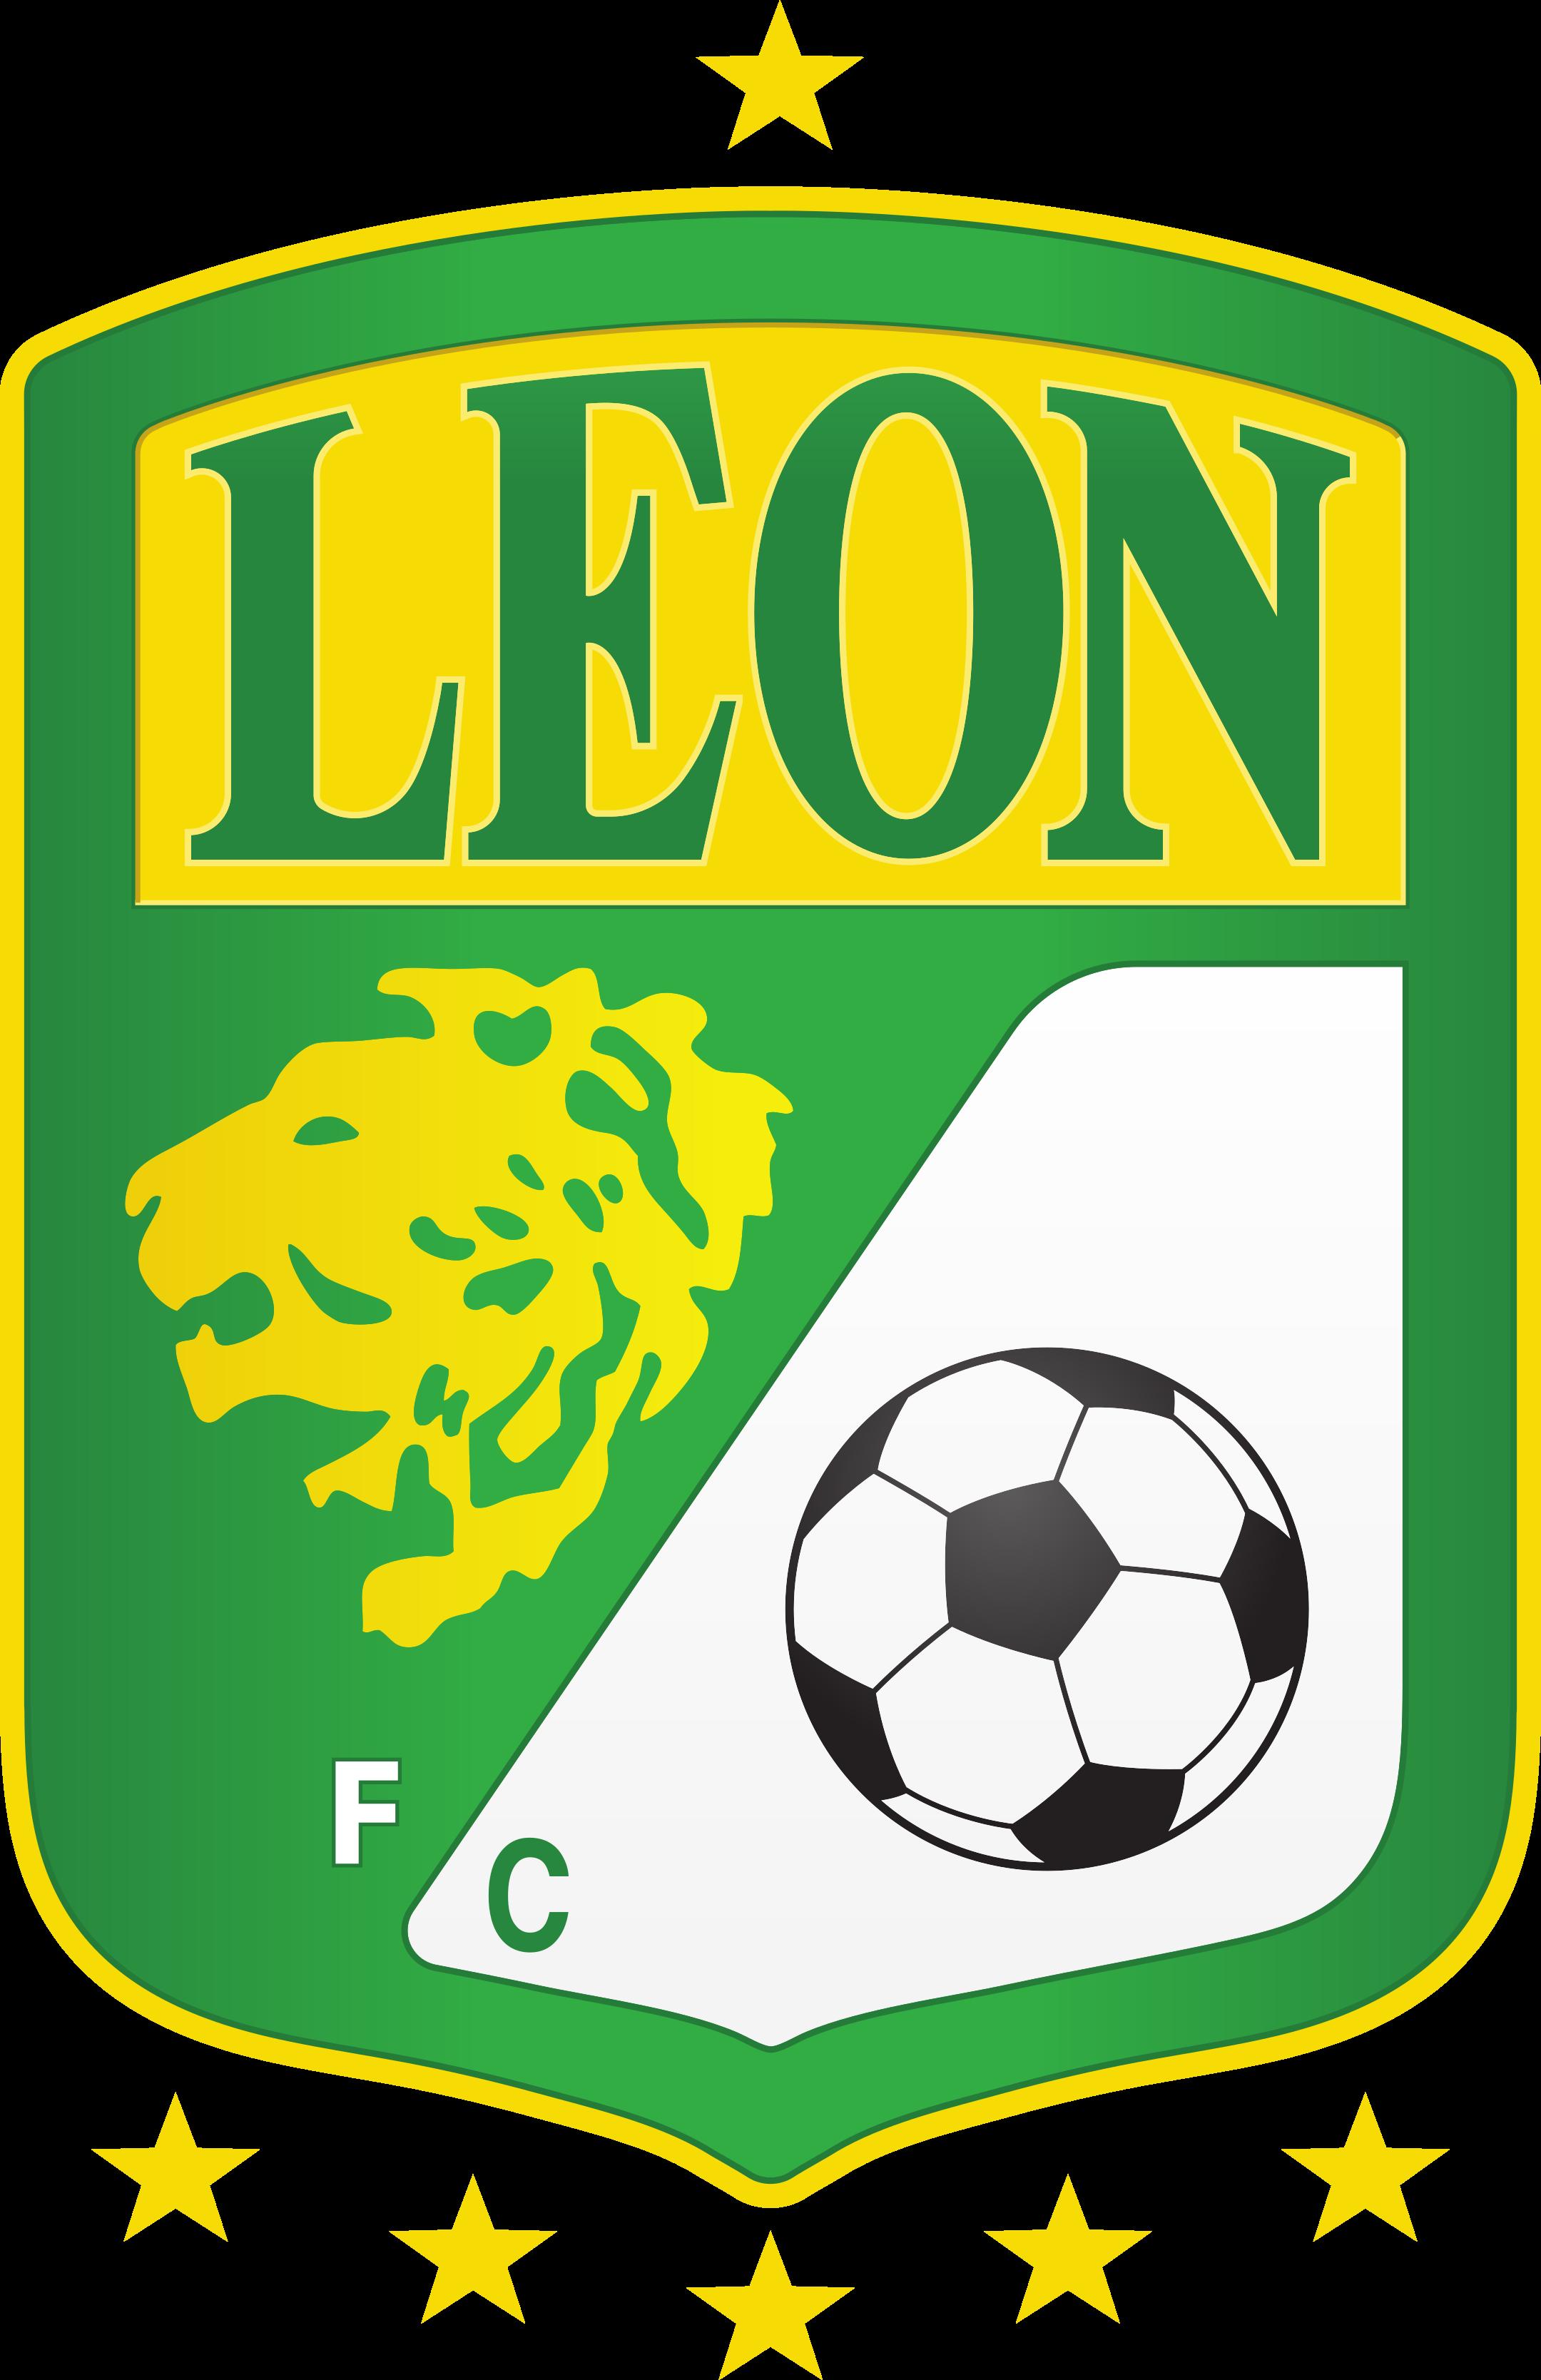 club leon logo 1 - Club León Logo - Escudo